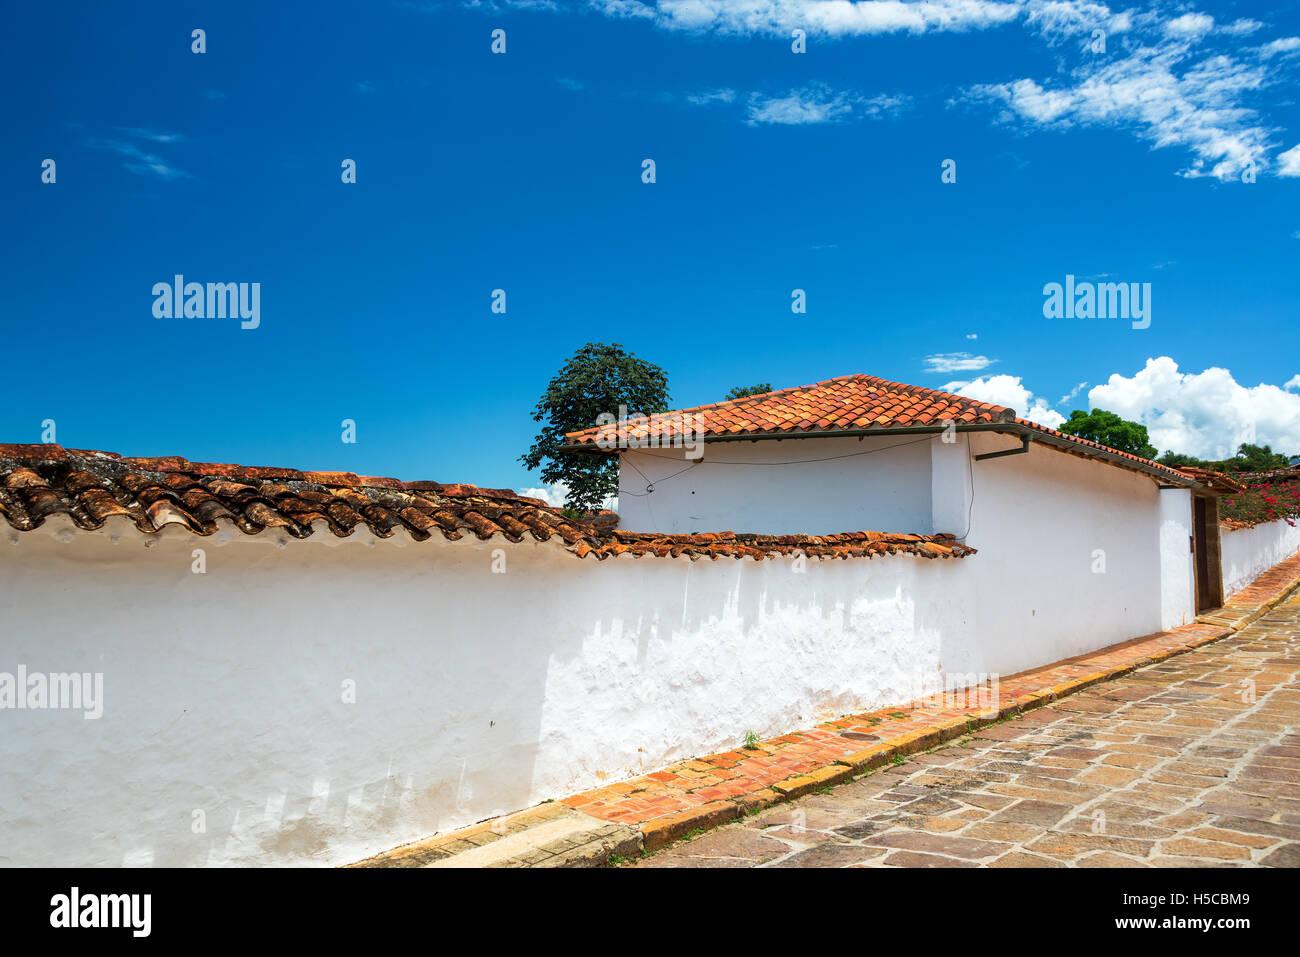 Bianco architettura coloniale in Barichara, Colombia Immagini Stock